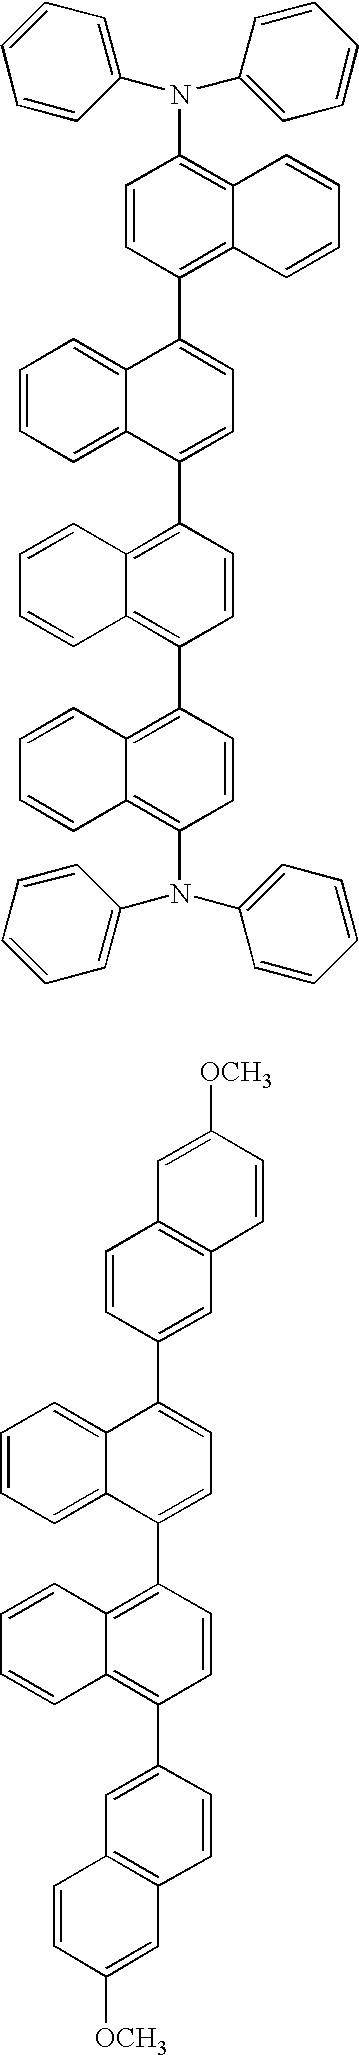 Figure US20100171109A1-20100708-C00088